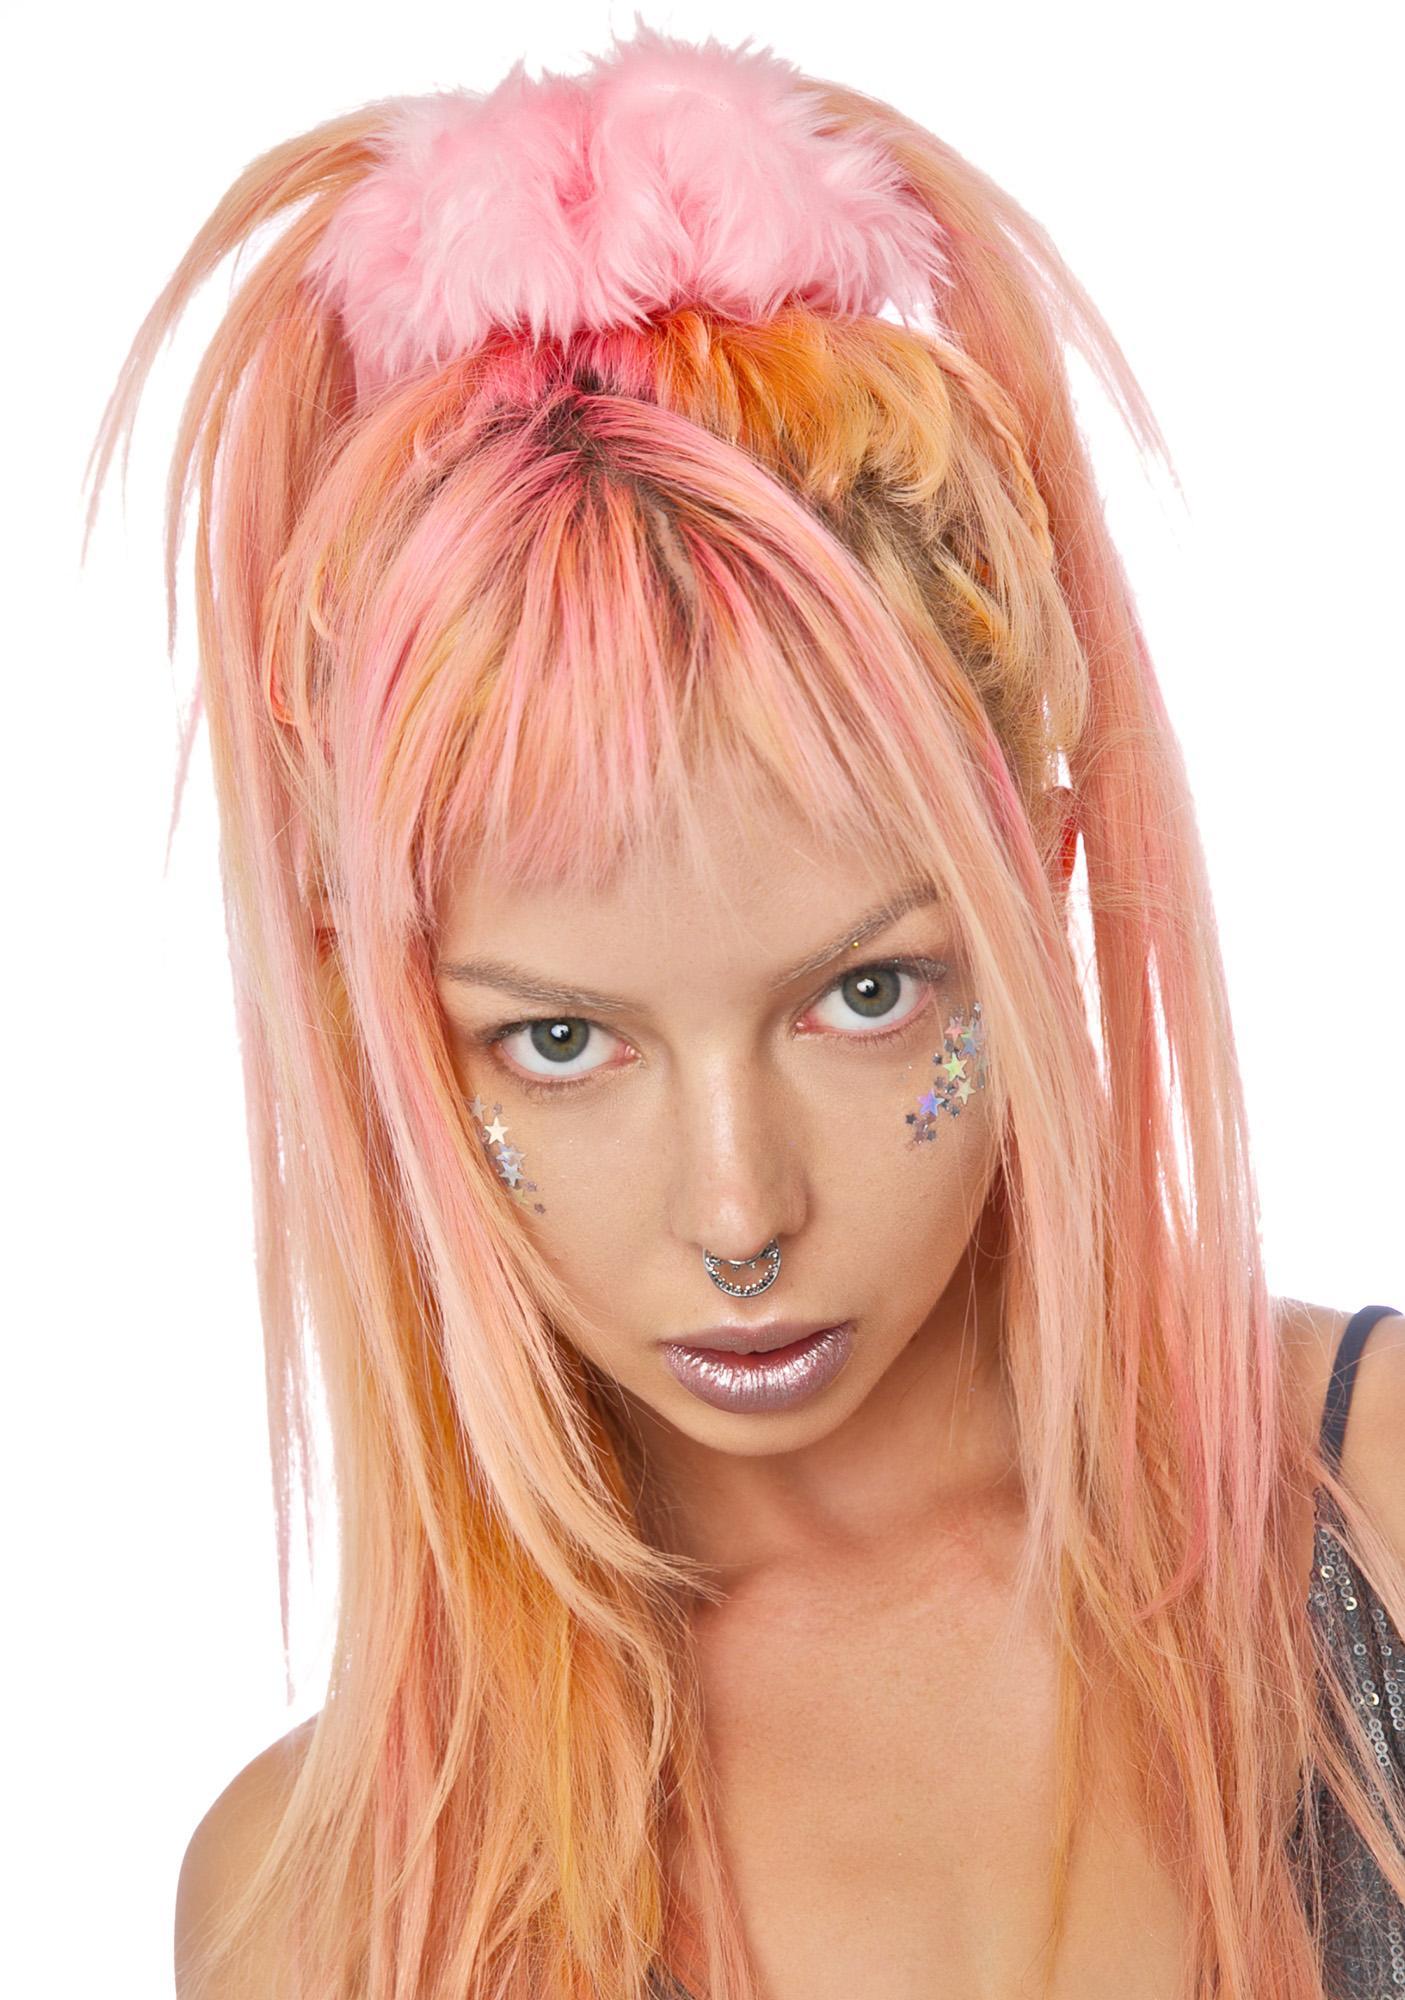 Kerenika Clarissa Faux Fur Scrunchie